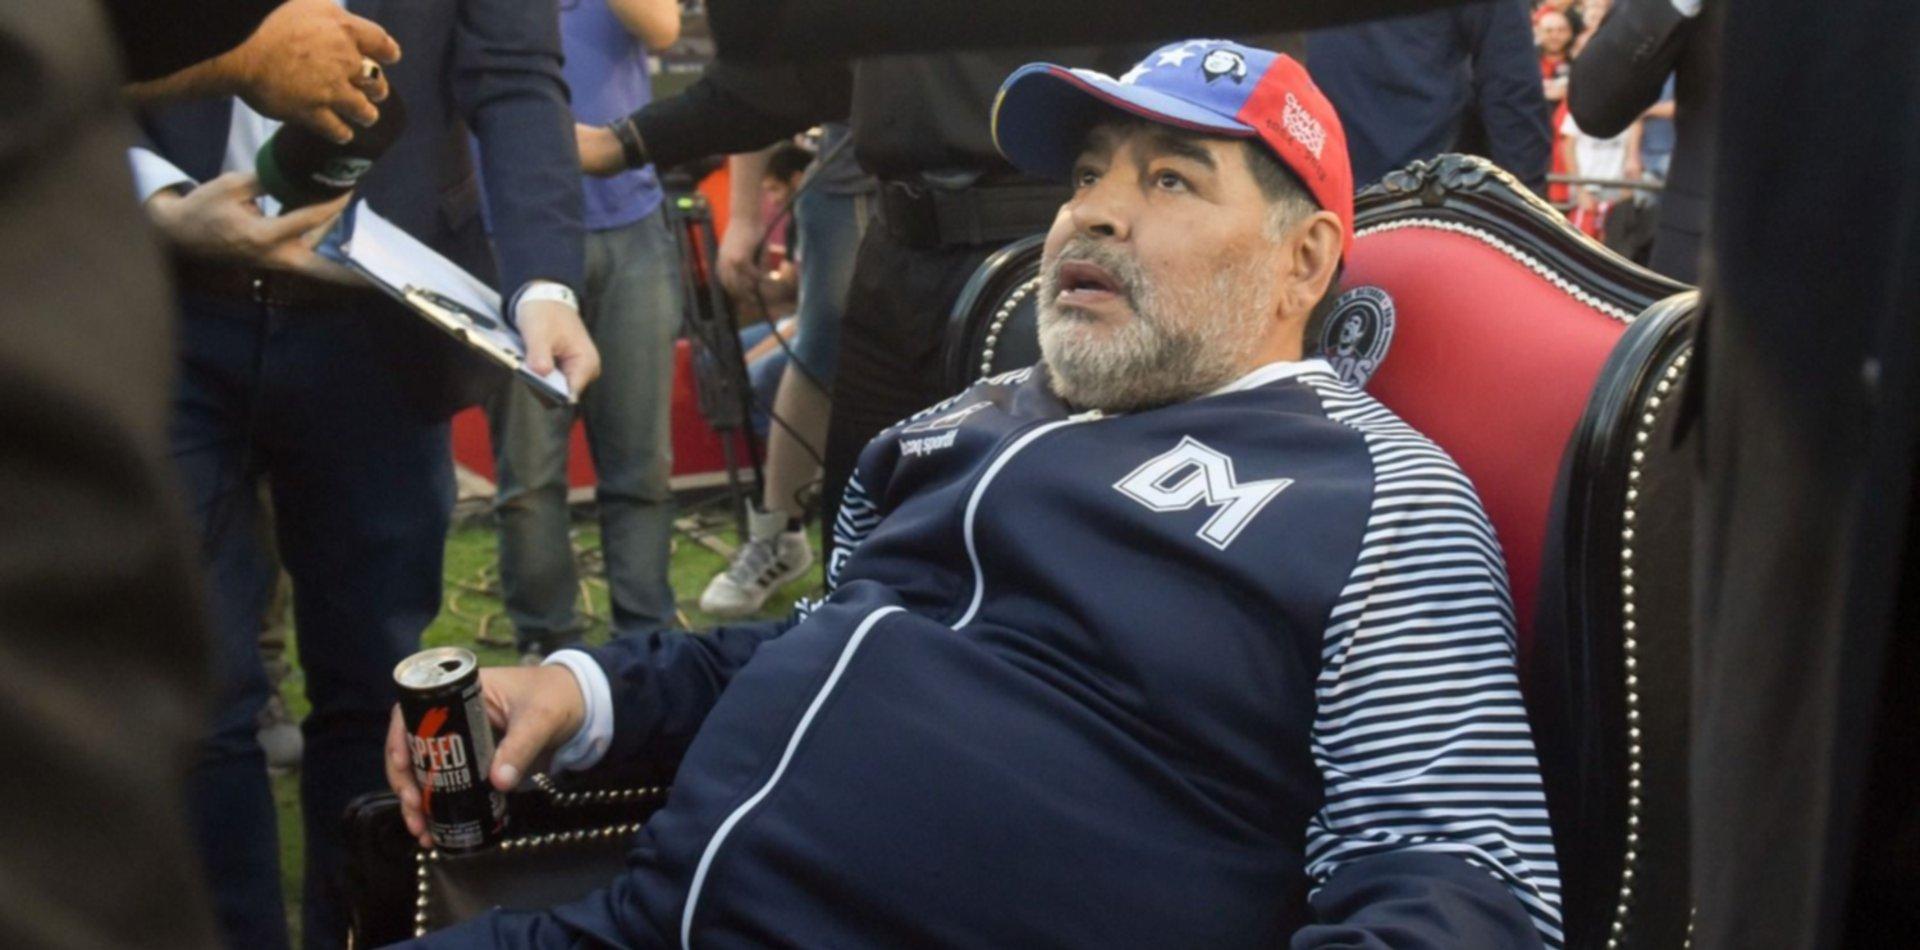 Los detalles de los festejos del cumpleaños de Maradona que preocuparon a sus hijas